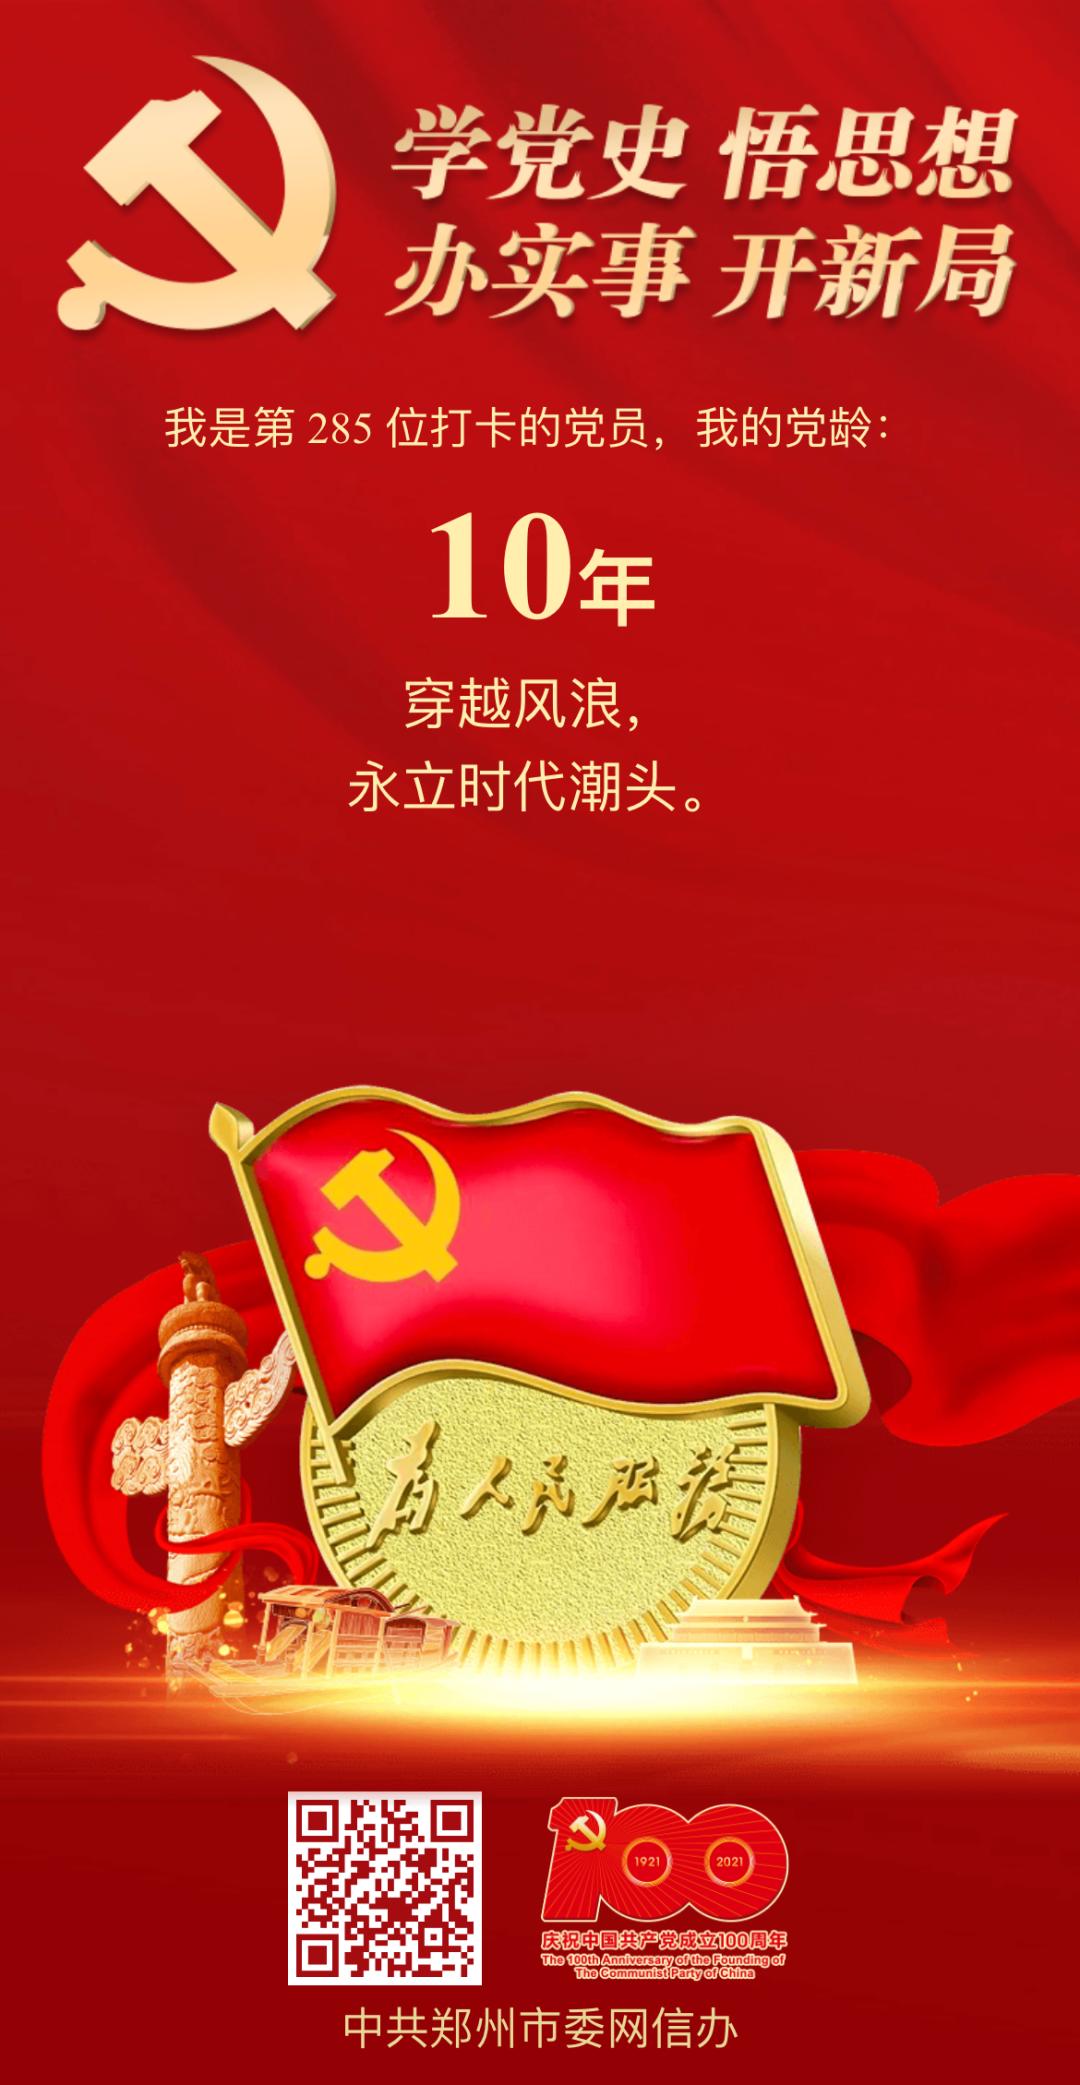 """@全体党员,快来加入""""党龄打卡 践行初心使命""""活动,生成您的专属海报吧!"""